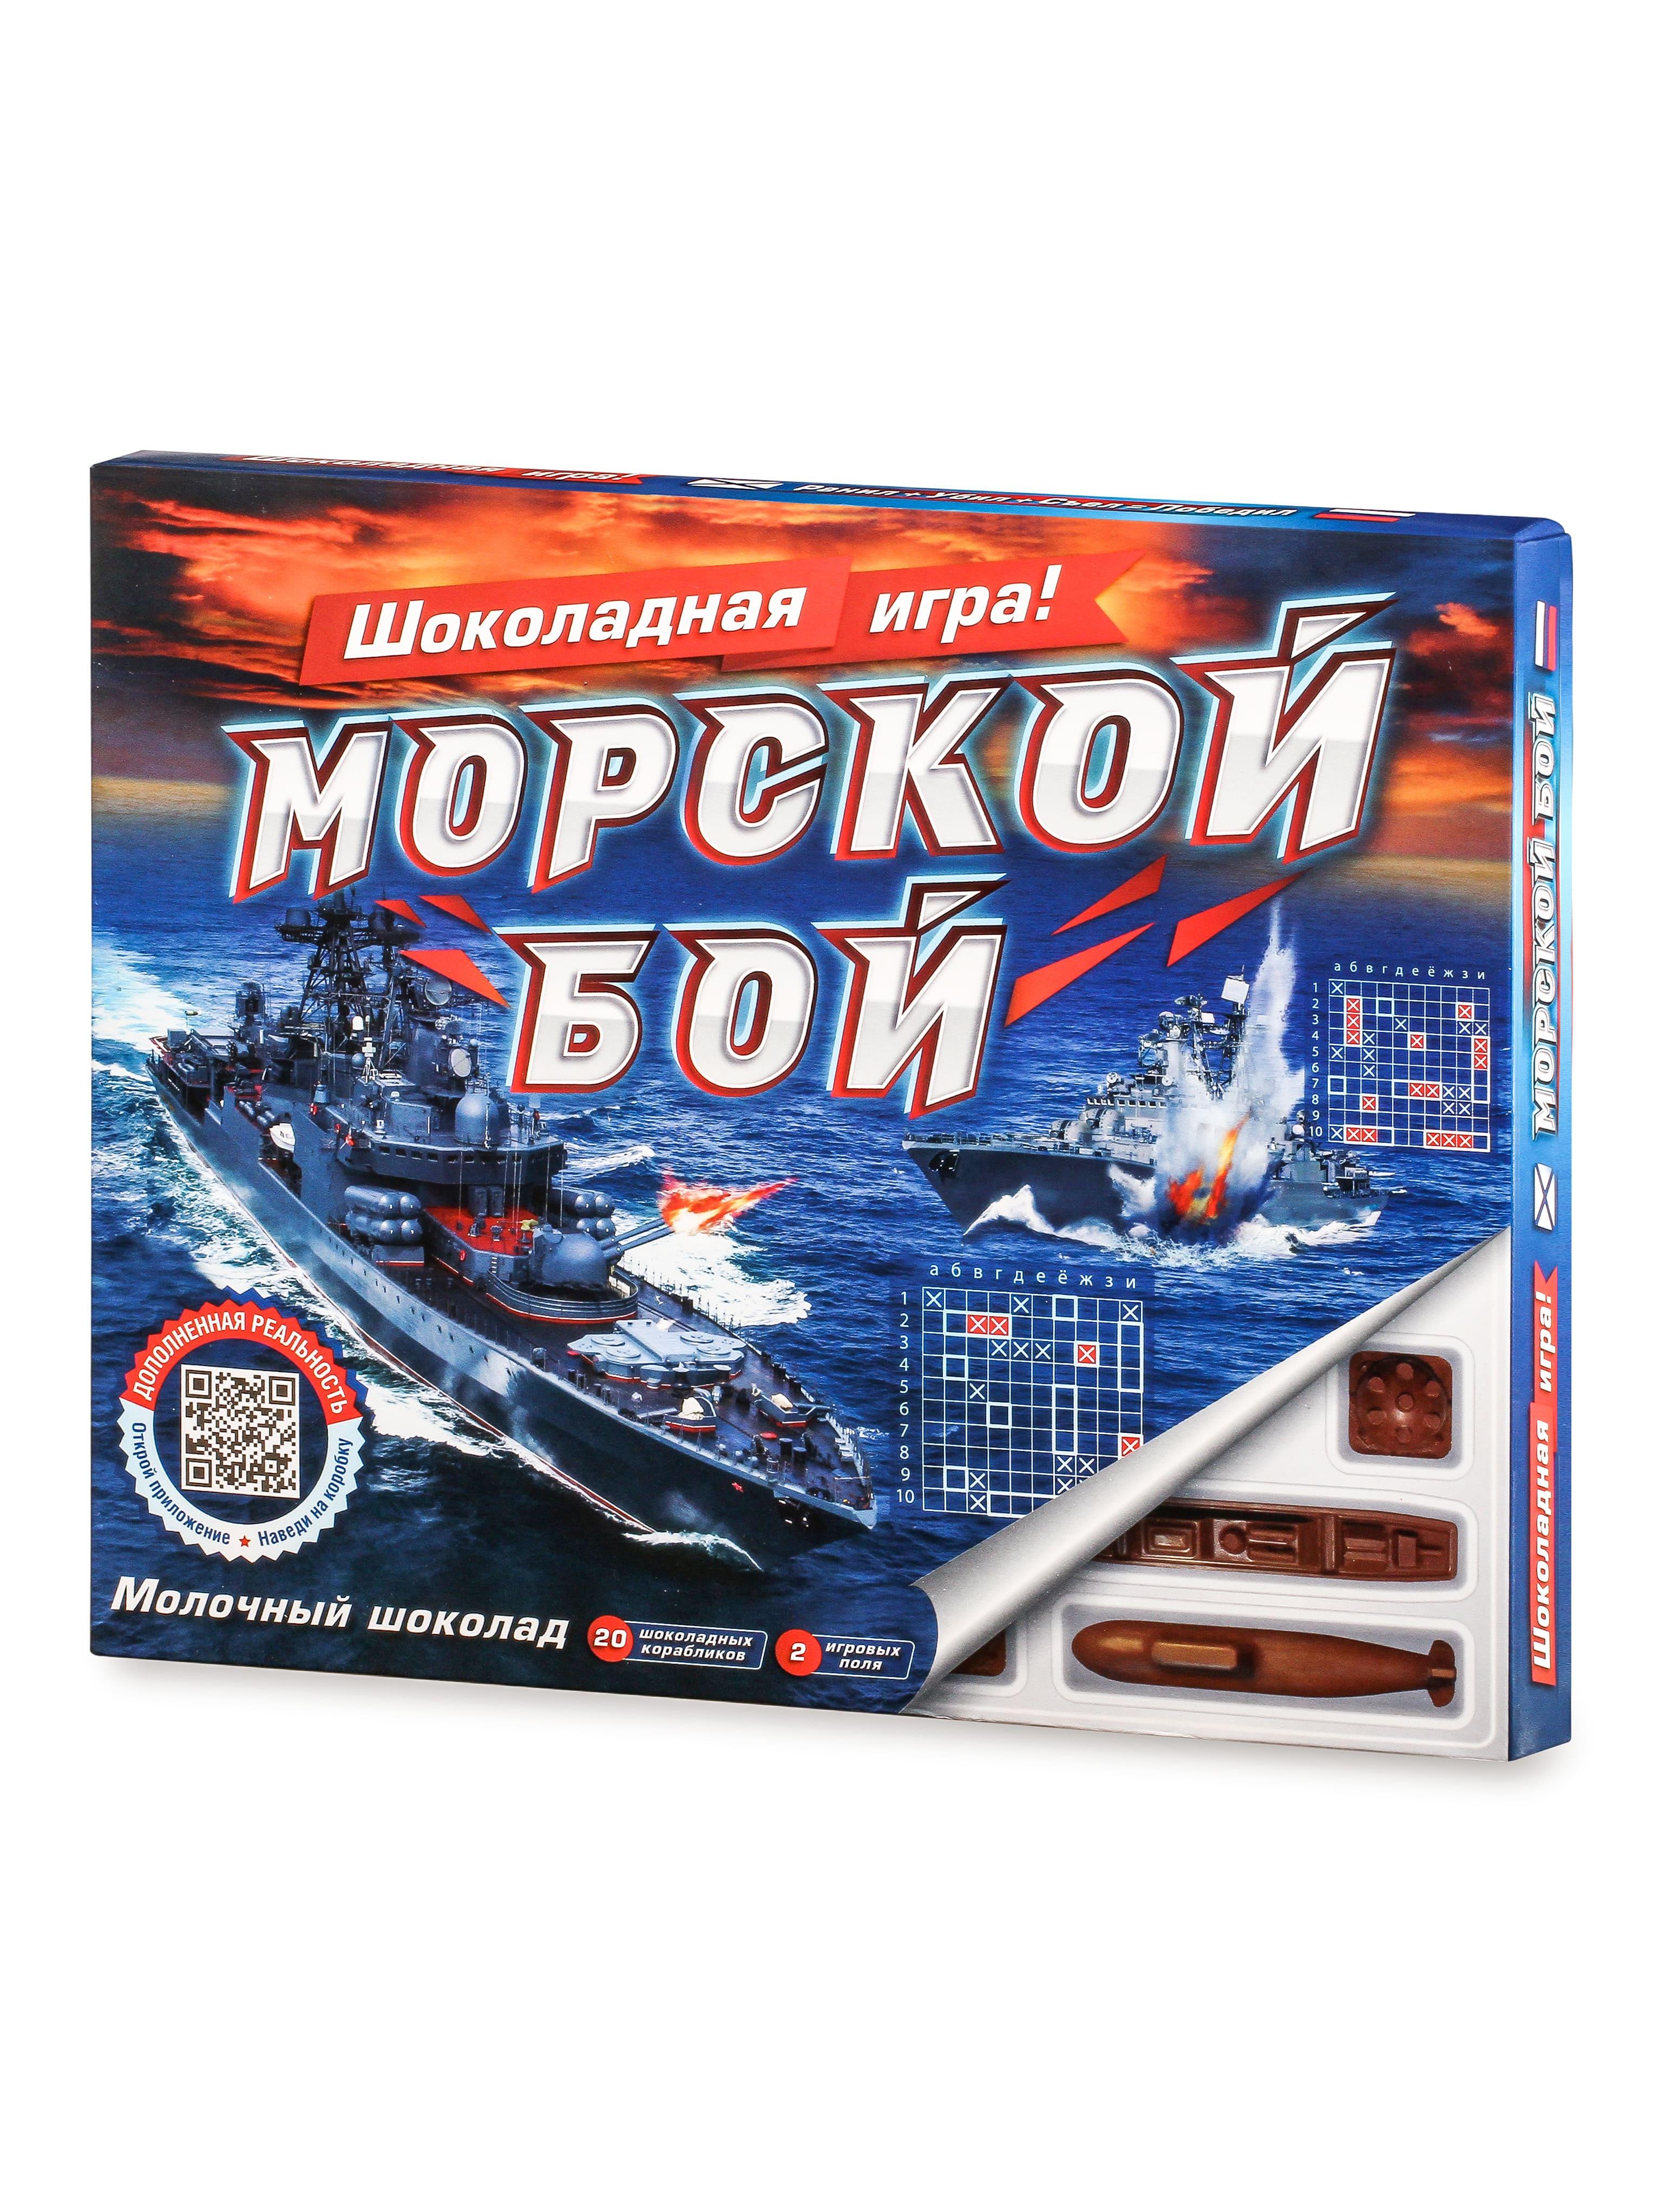 Шоколадная игра Вкусные идеи морской бой 180 г 28х22х2 Россия